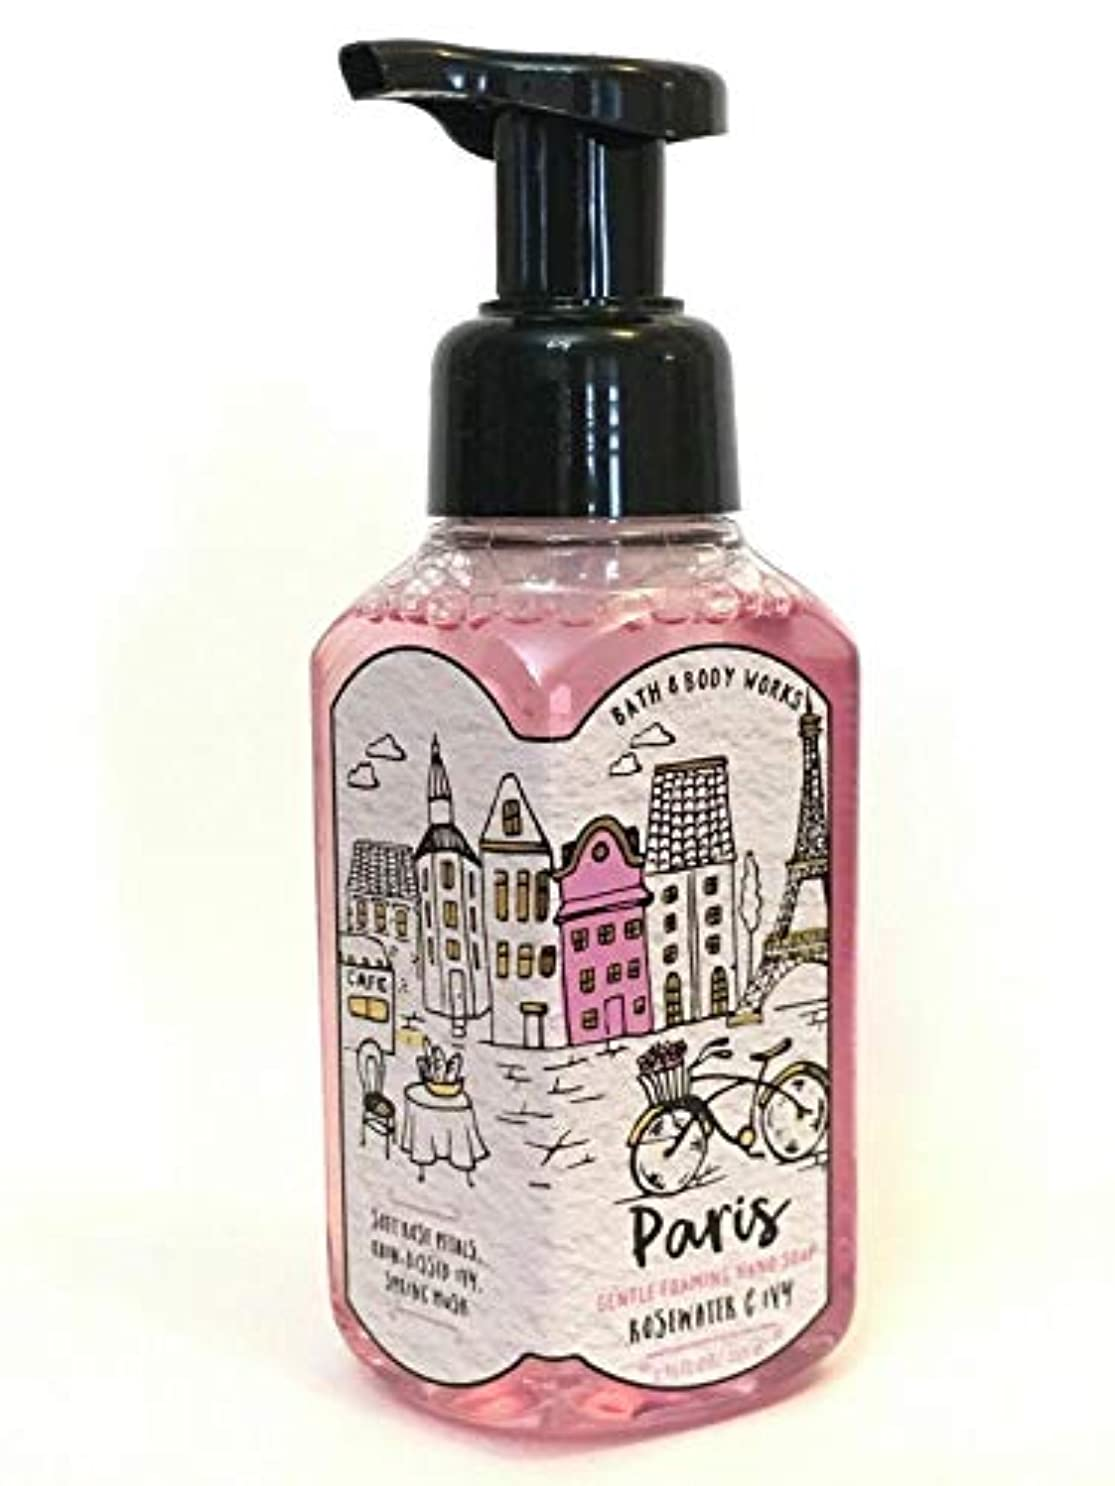 敬の念延期する温度計バス&ボディワークス パリス ローズウォーター&アイビー ジェントル フォーミング ハンドソープ Paris Rose Water & Ivy Gentle Foaming Hand Soap